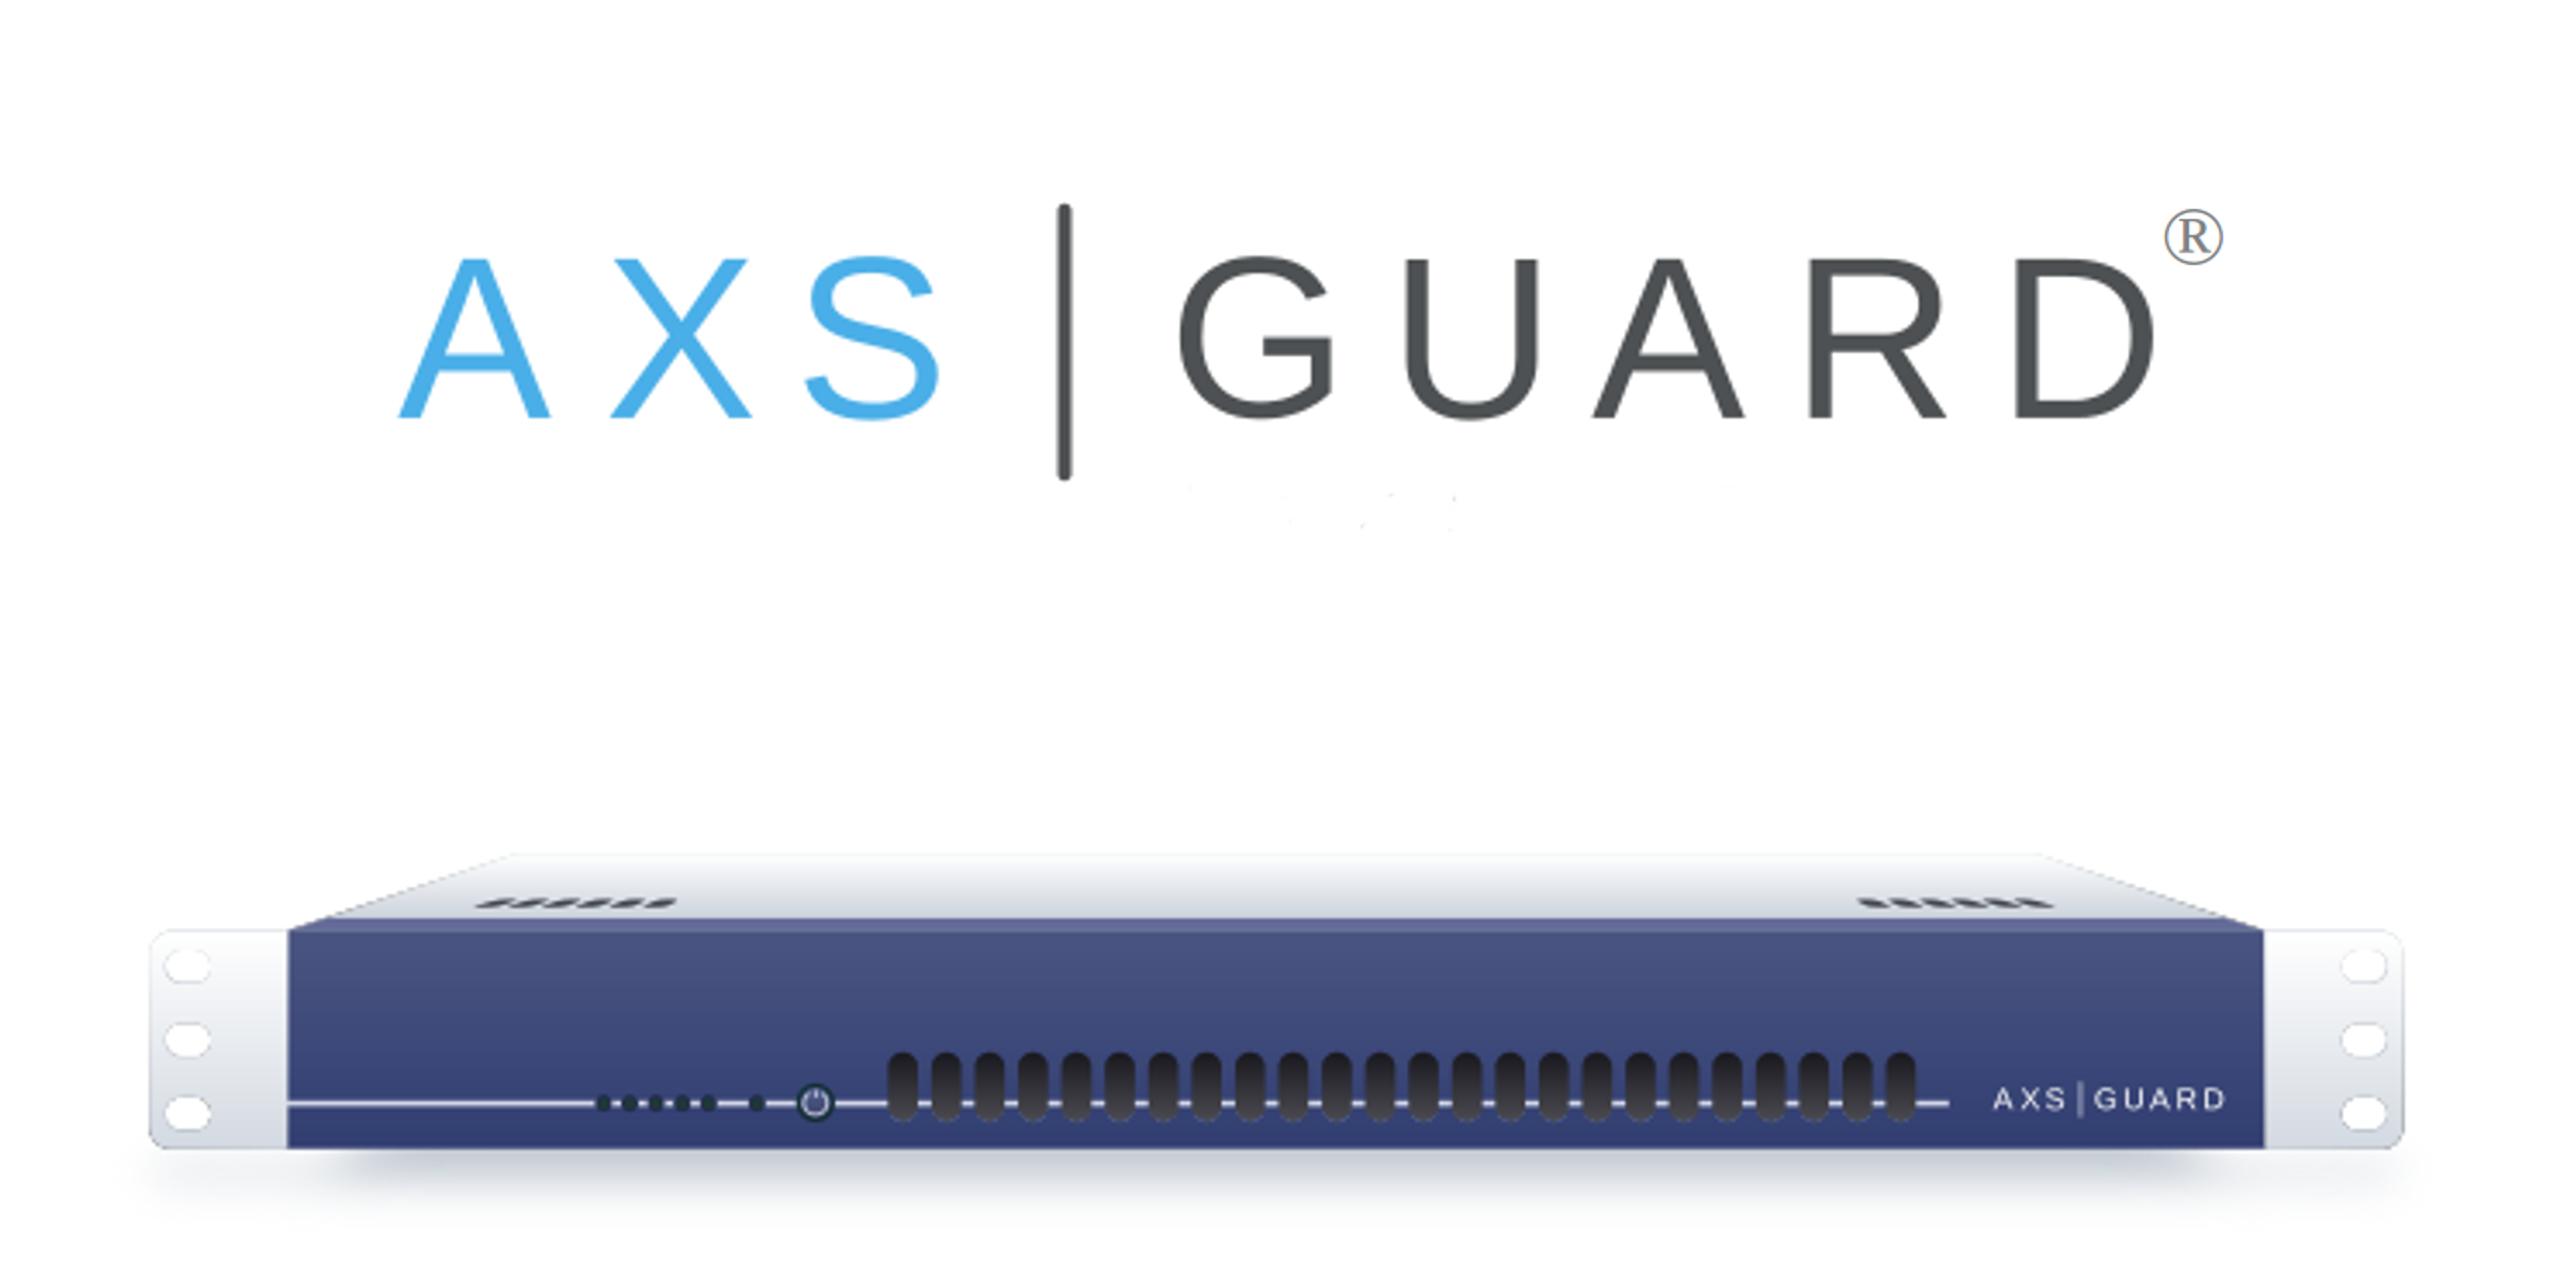 AXS GUARD présente sa nouvelle stratégie de distribution en Belgique